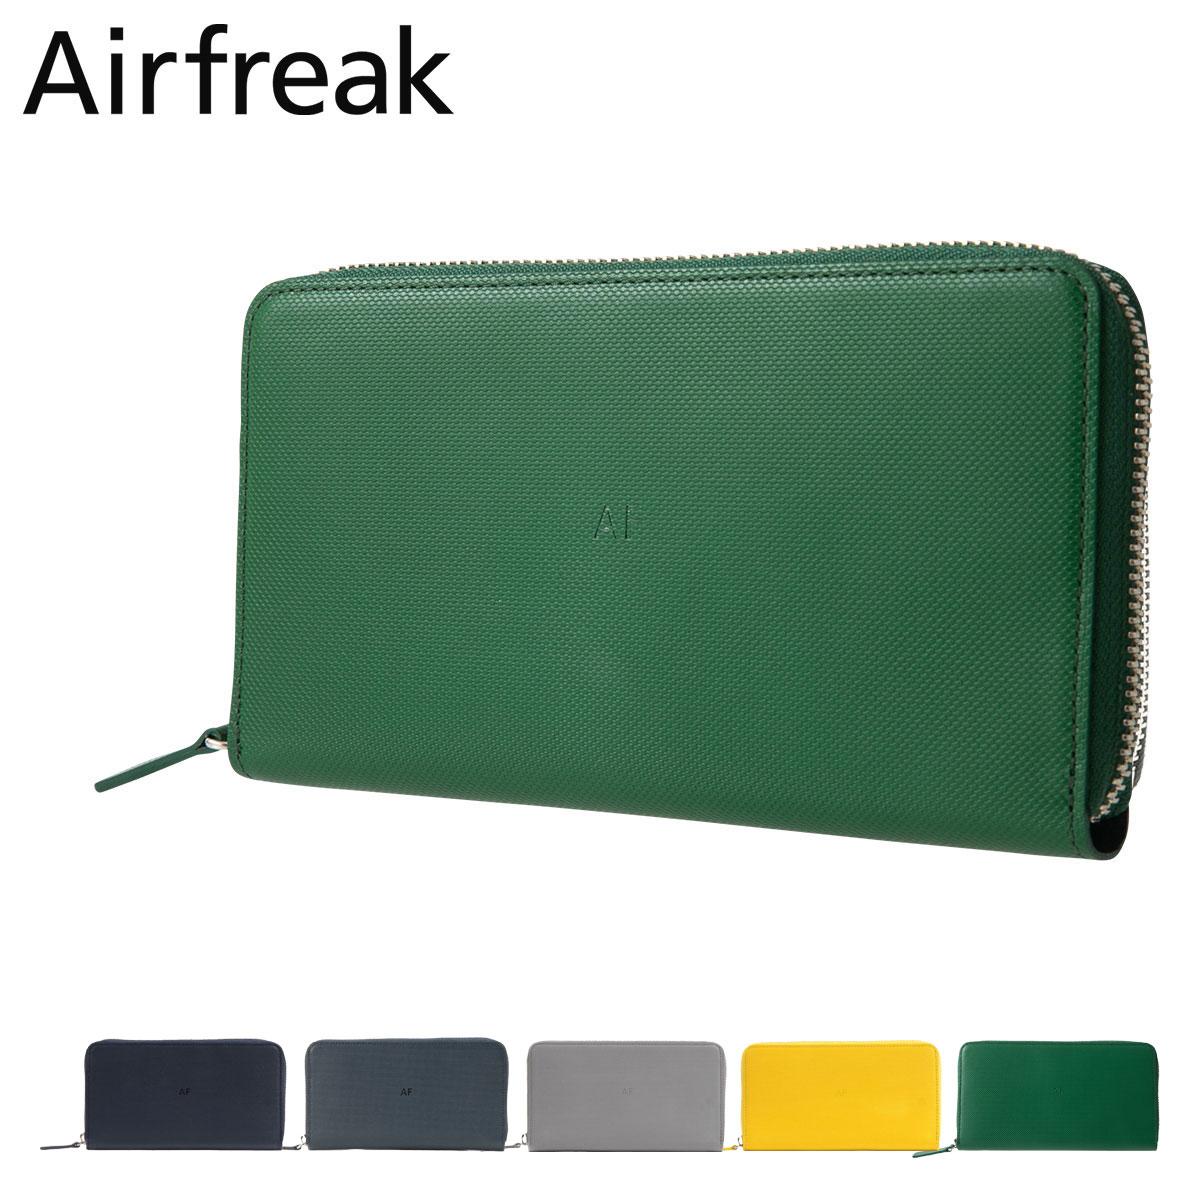 エアフリーク 長財布 ラウンドファスナー メンズ レディース AF09 Airfreak | レザー ユニセックス[PO10]